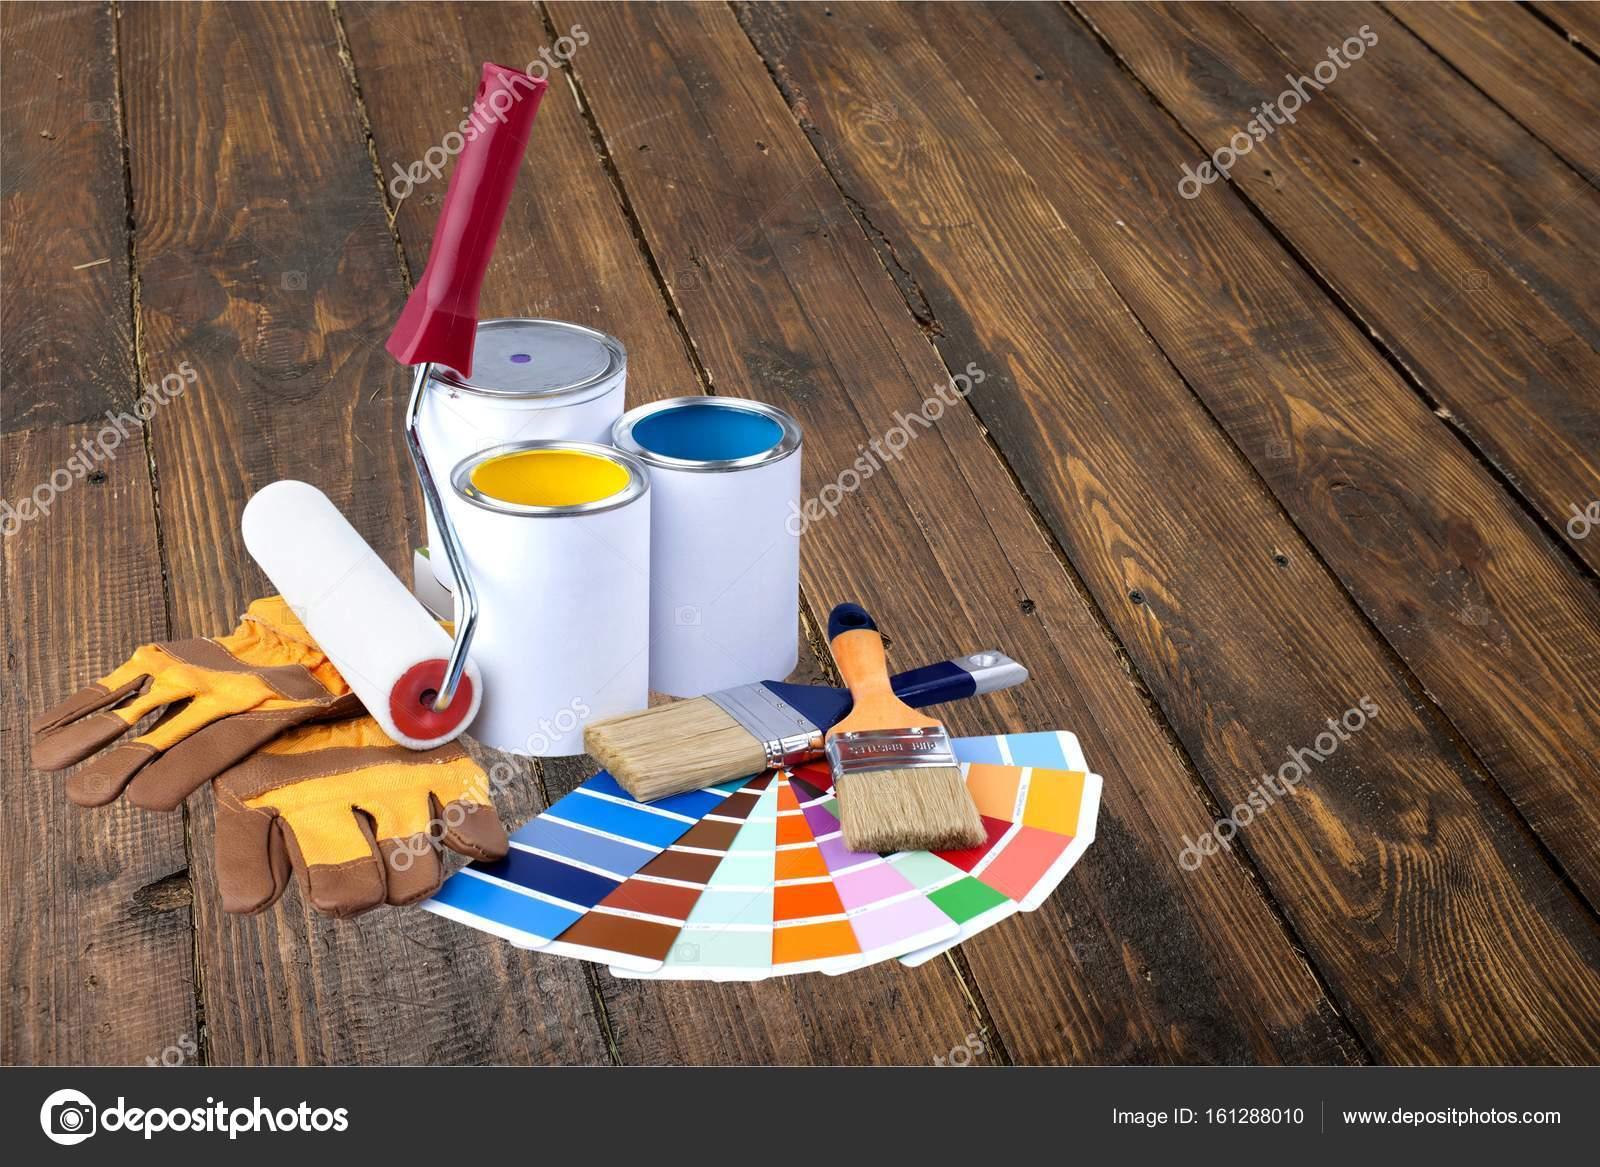 penslar och färg burkar — Stockfotografi © billiondigital  161288010 73a0e00d159ca